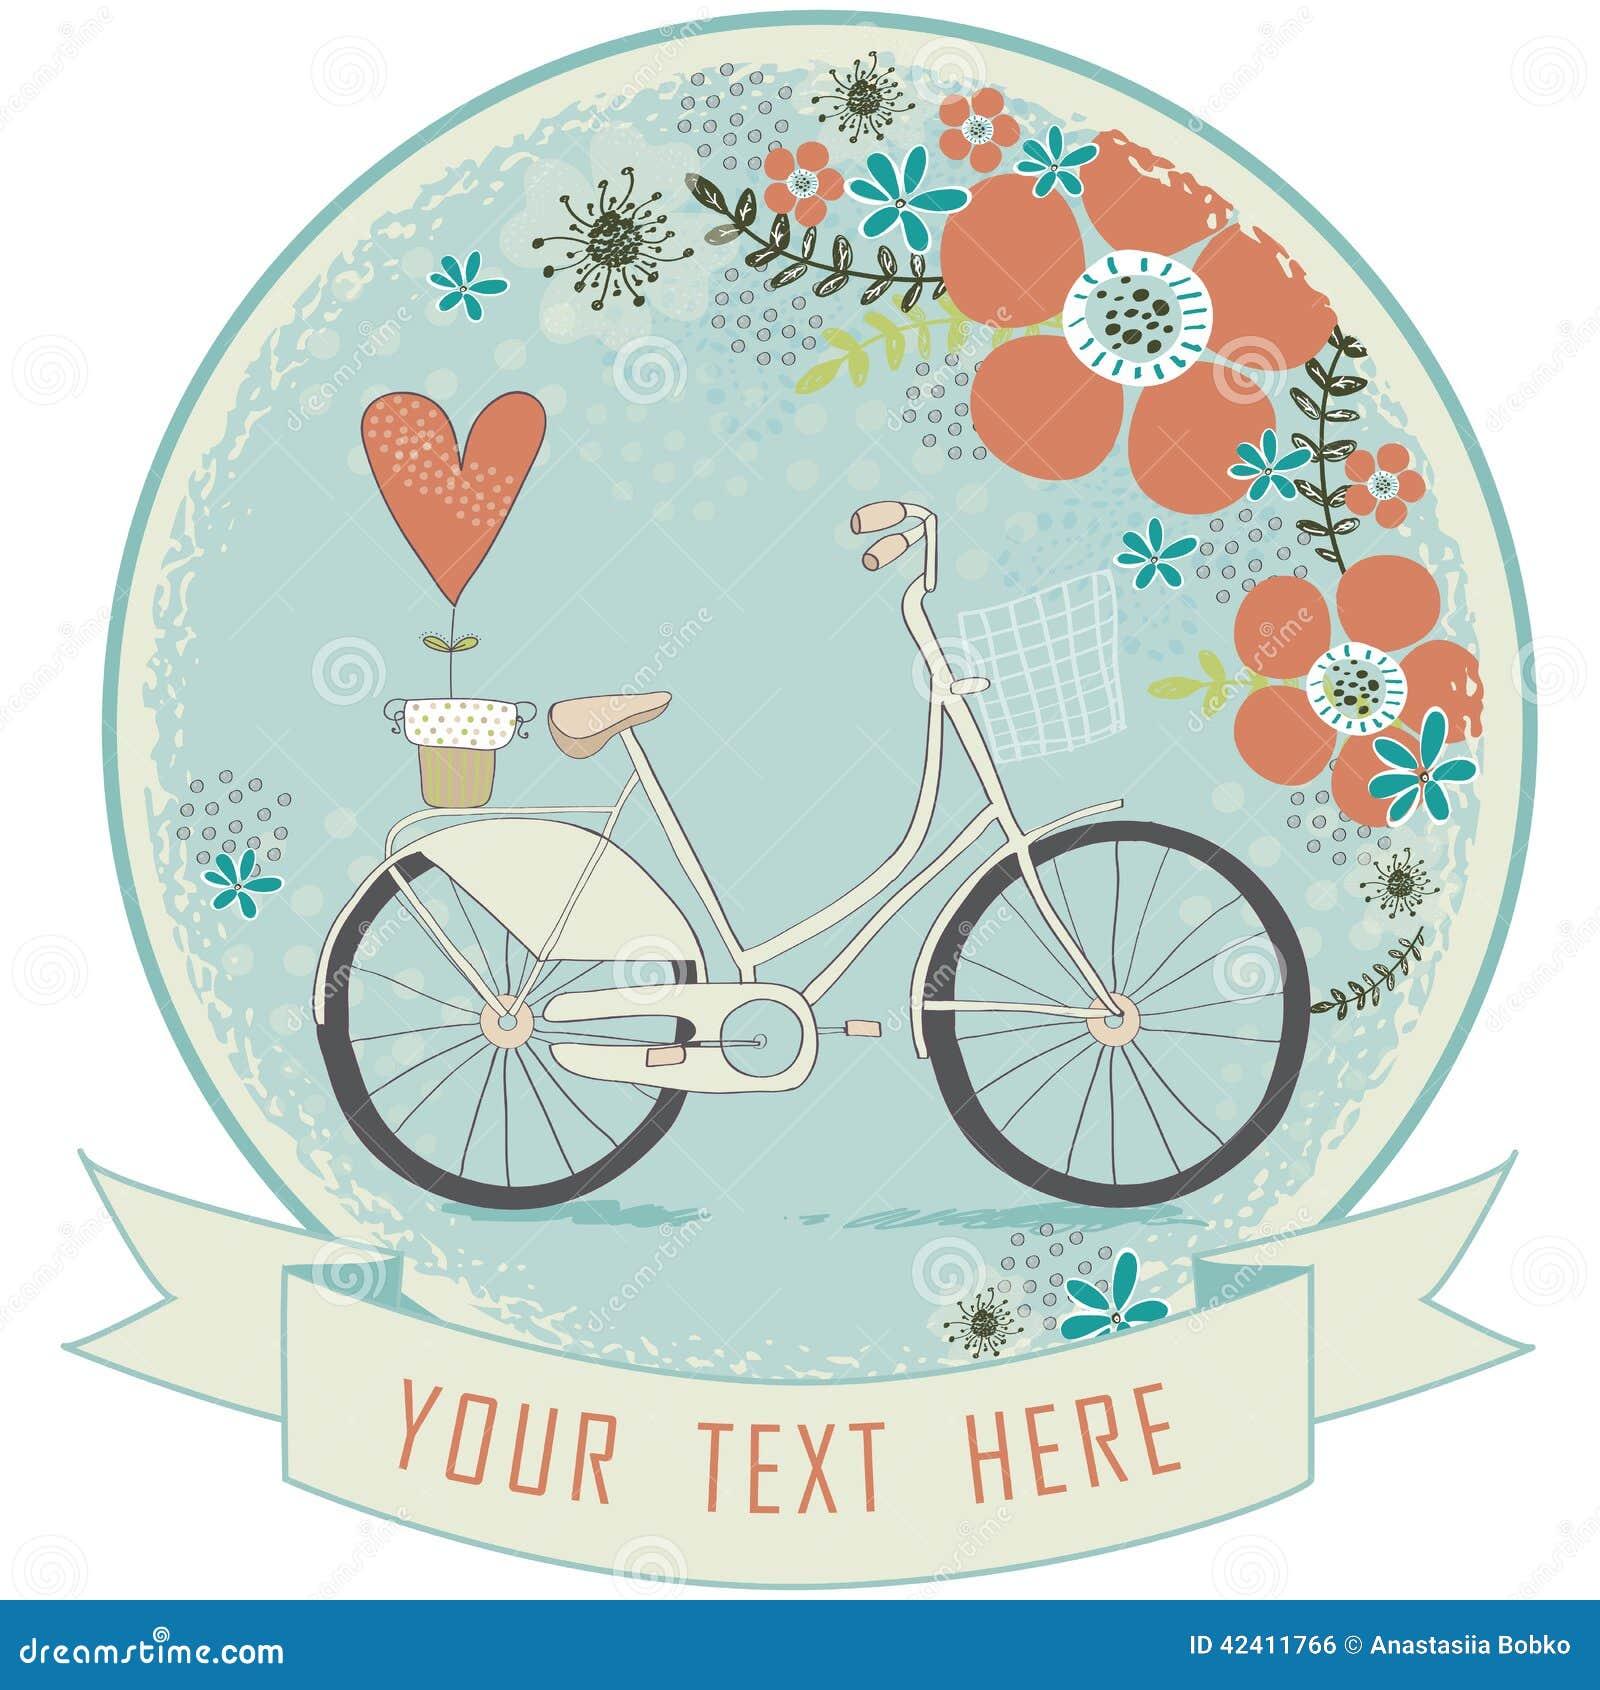 Vintage Romantic Love CardLove LabelRetro Bicycle With